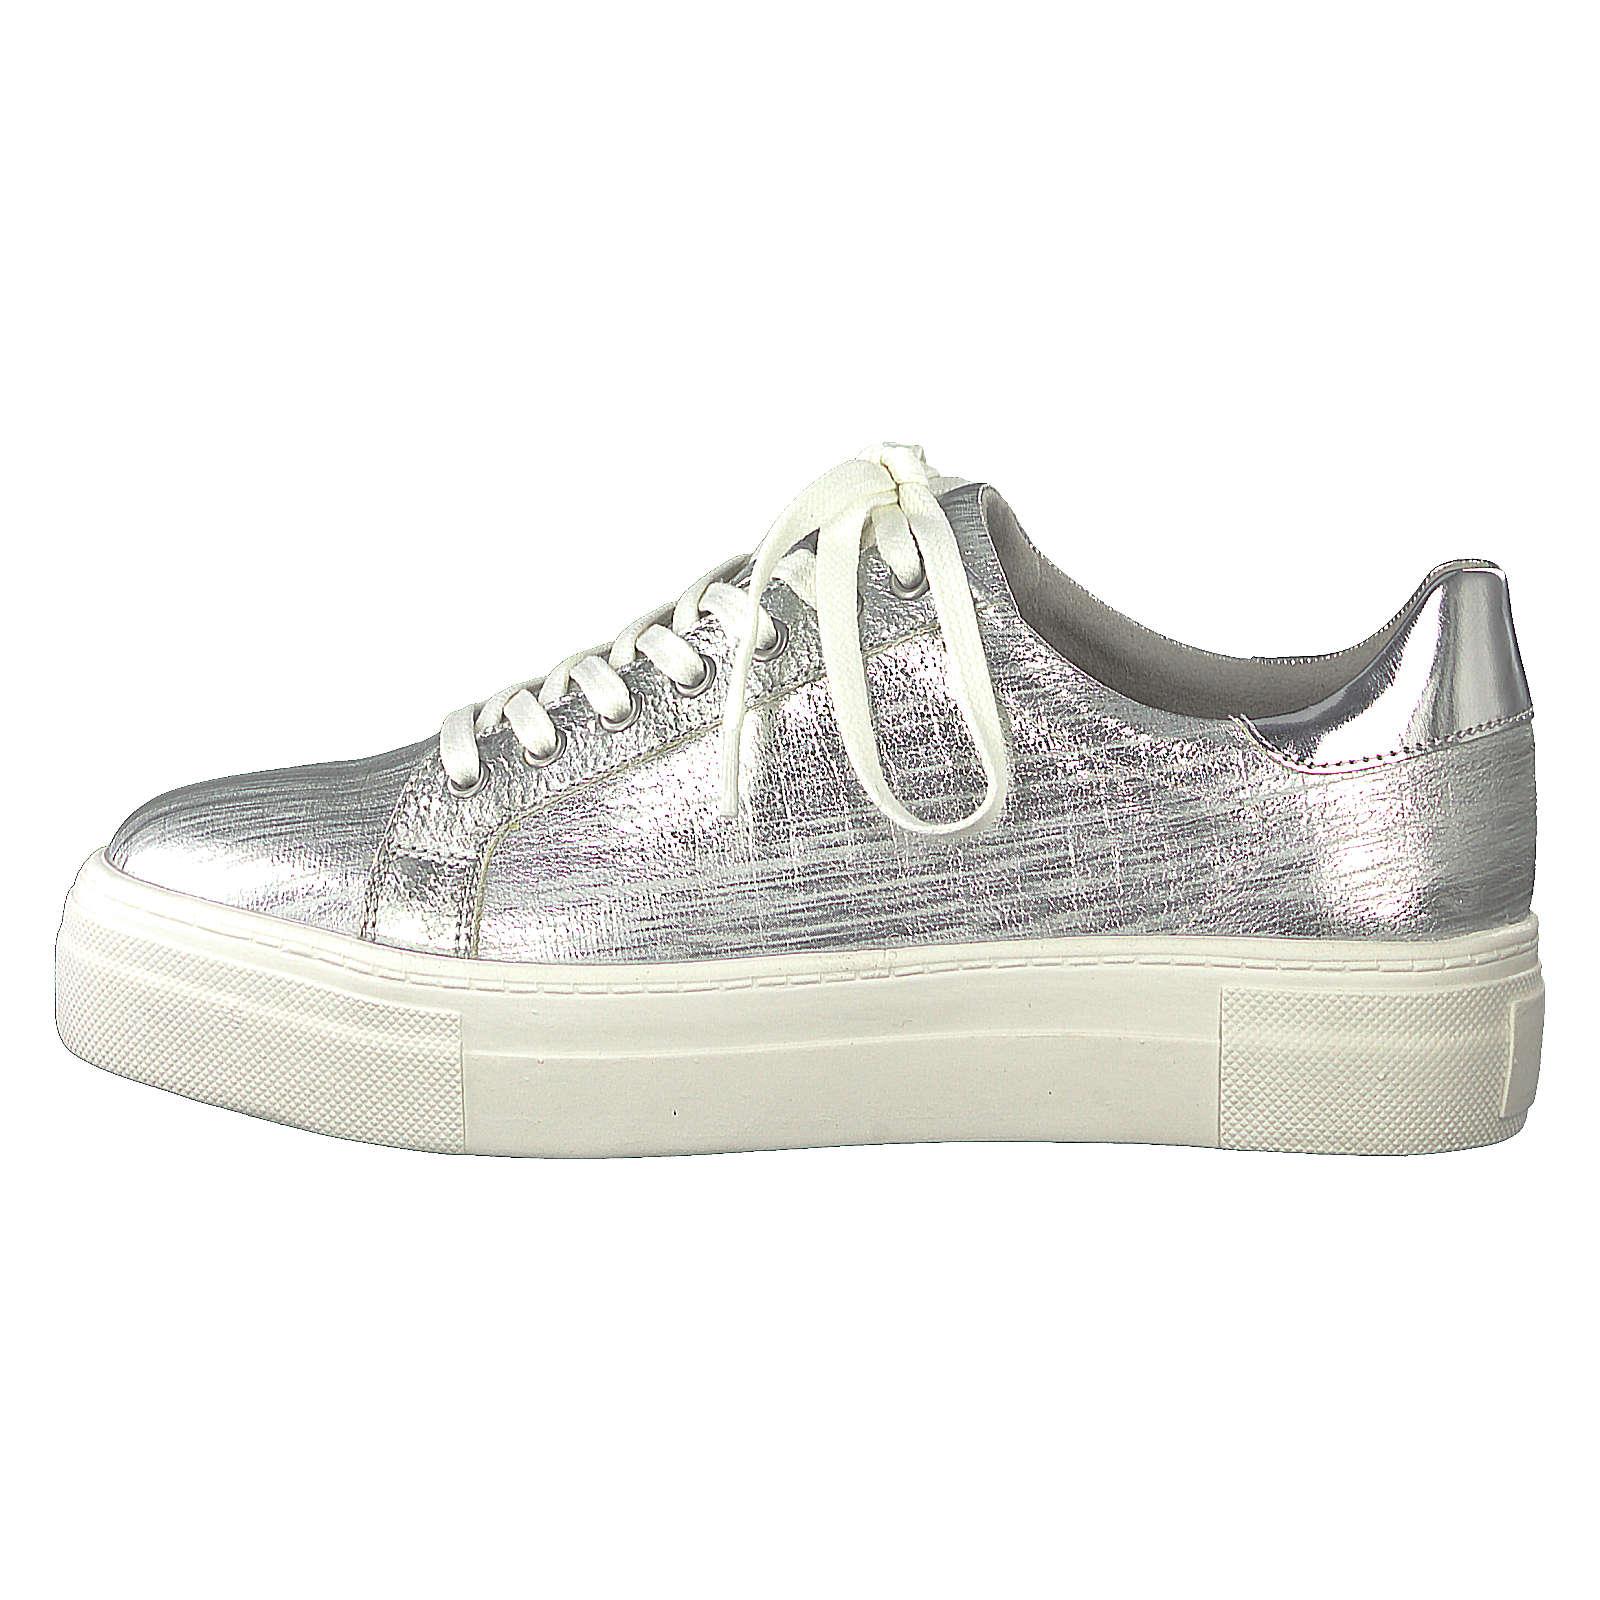 Tamaris Sneakers Low silber Damen Gr. 37